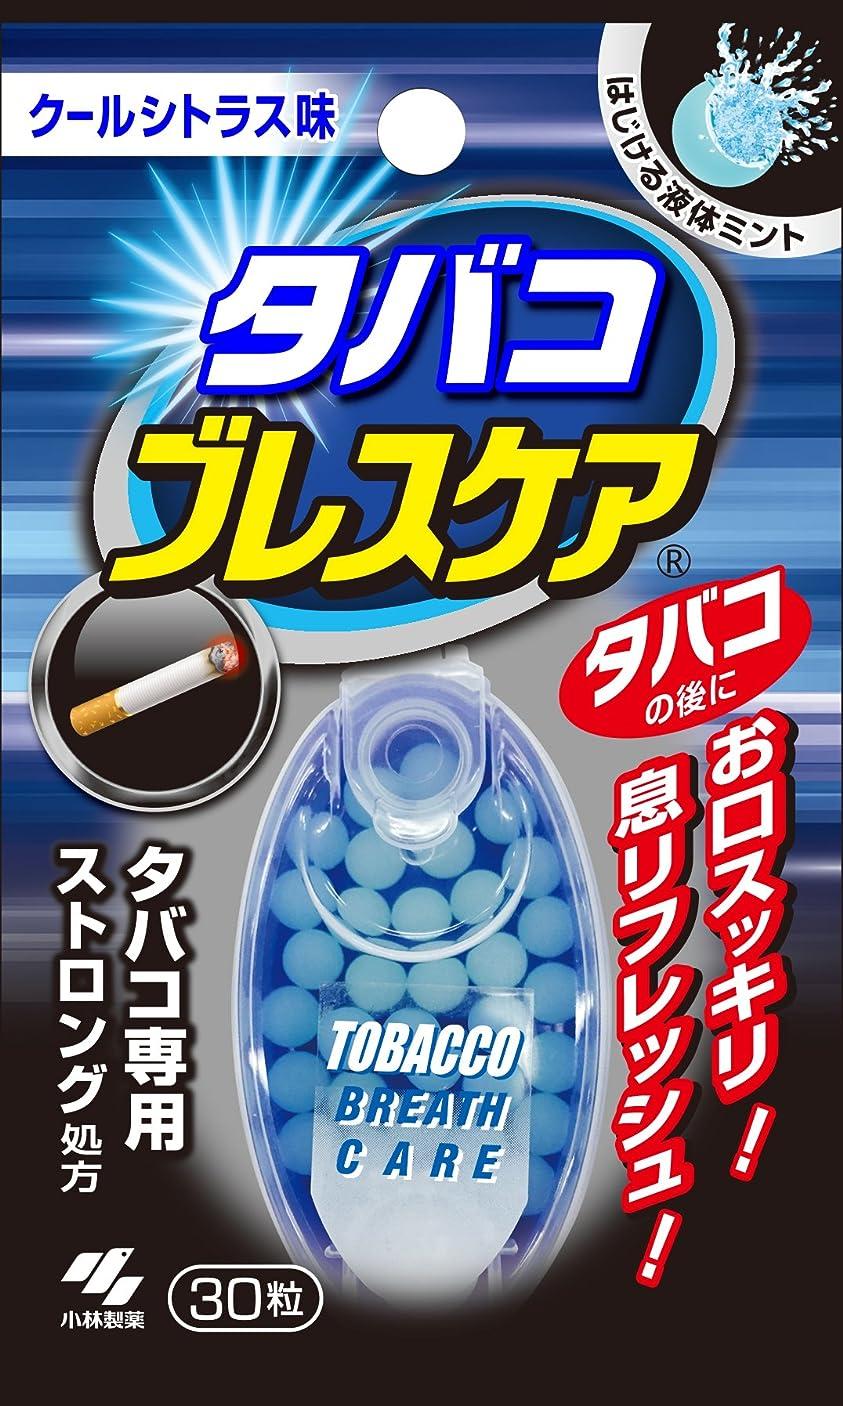 晴れ徹底的に備品タバコブレスケア 30粒 小林製薬